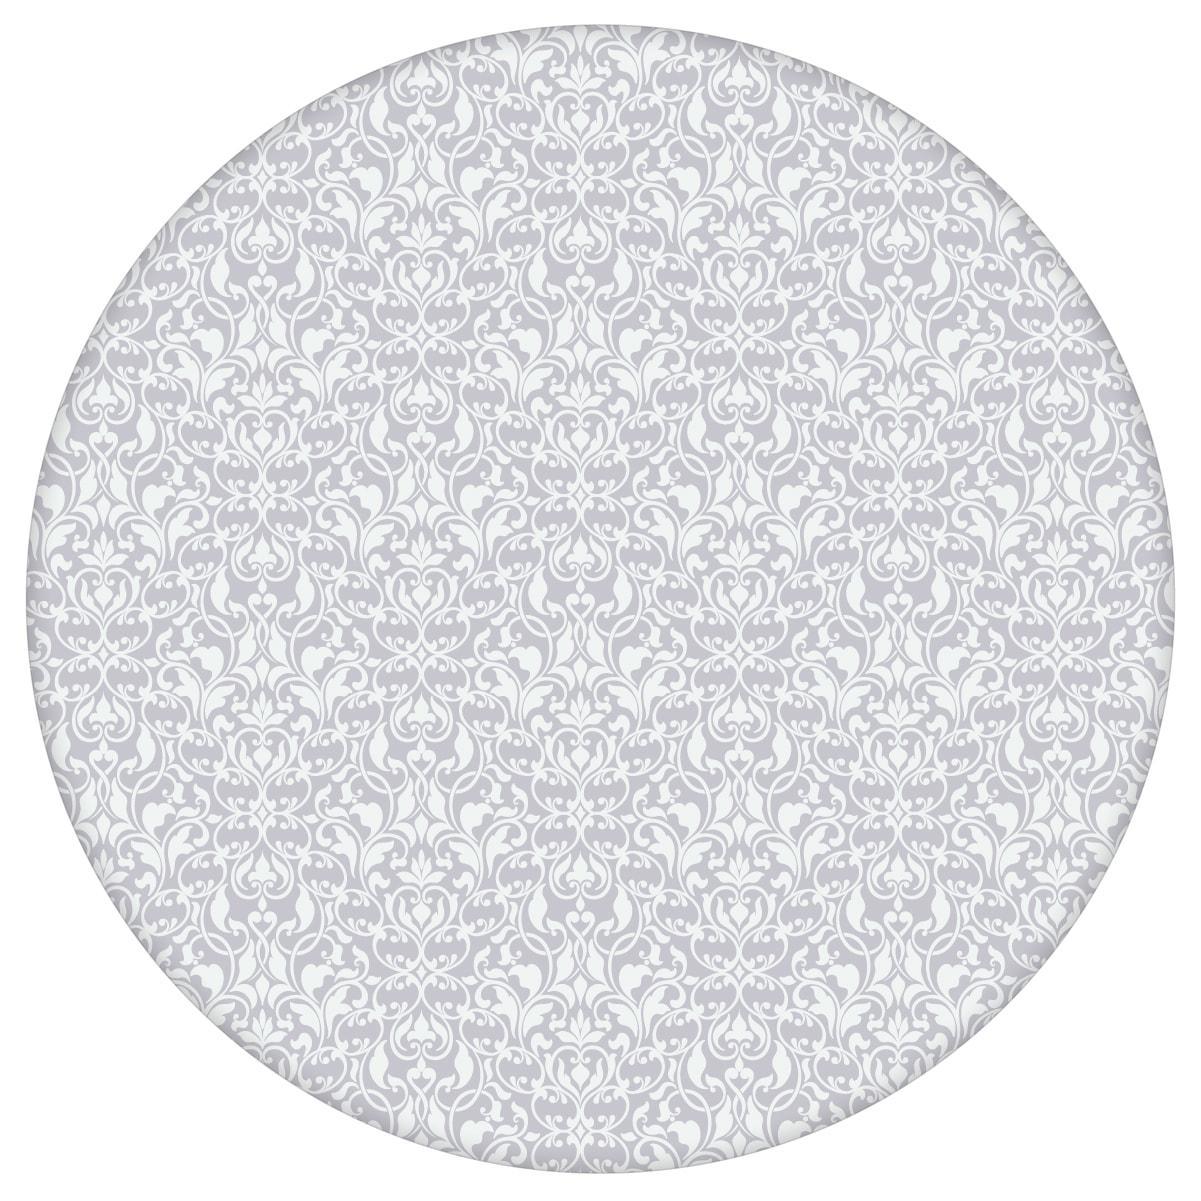 Ornamenttapete Damast Muster klassisch, floral in flieder grau, Design Tapete für Ihr Zuhause aus den Tapeten Neuheiten Blumentapeten und Borten als Naturaltouch Luxus Vliestapete oder Basic Vliestapete